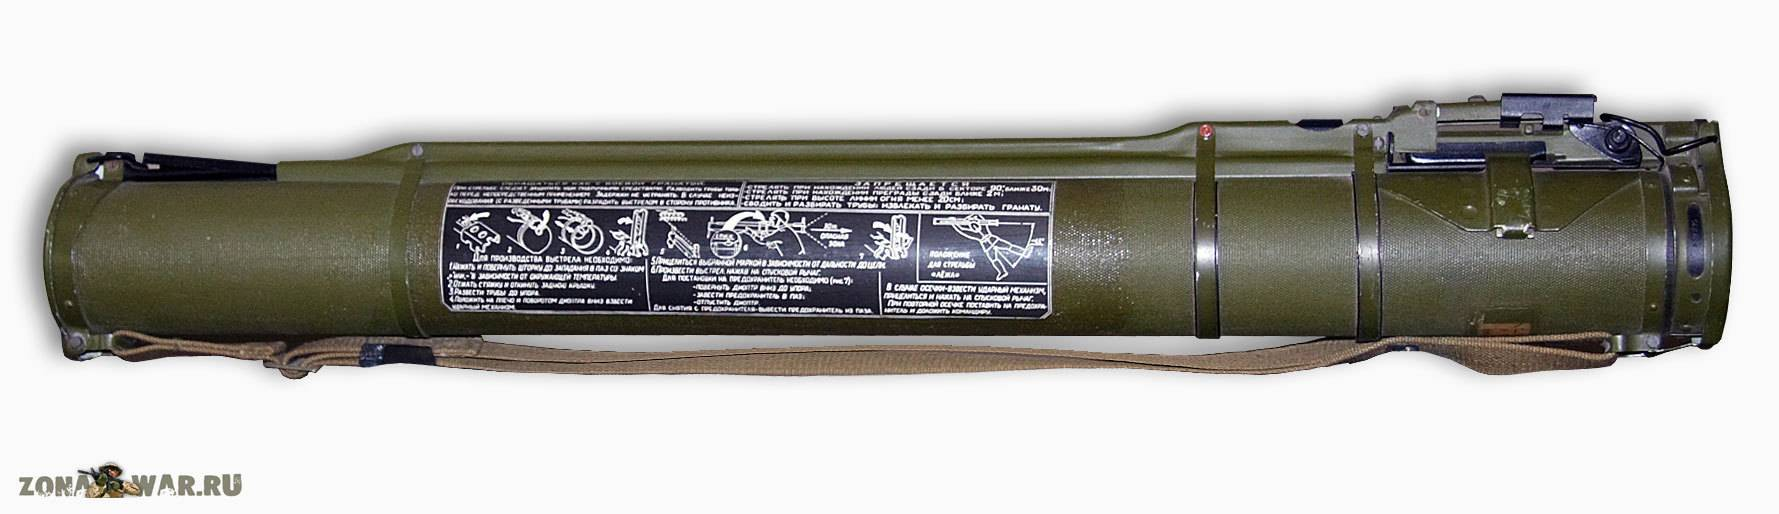 Противотанковый ручной гранатомёт рпг-7